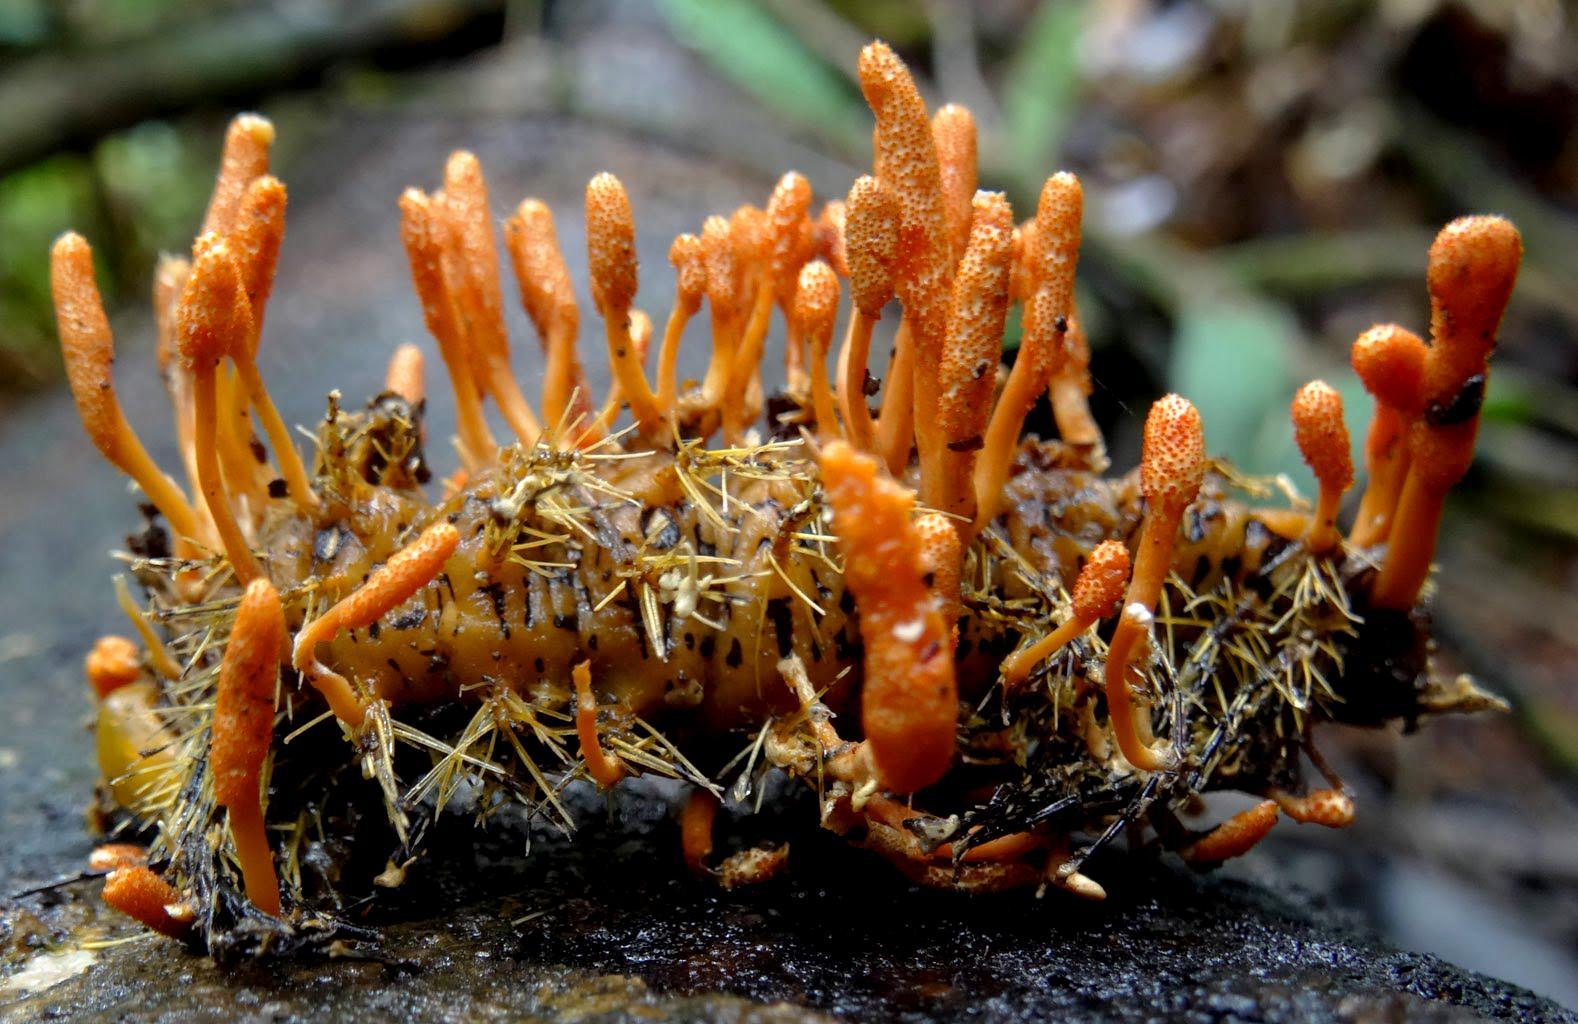 quá trình hình thành đông trùng hạ thảo, quá trình phát triển của đông trùng hạ thảo, vòng đời của đông trùng hạ thảo, sự hình thành đông trùng hạ thảo